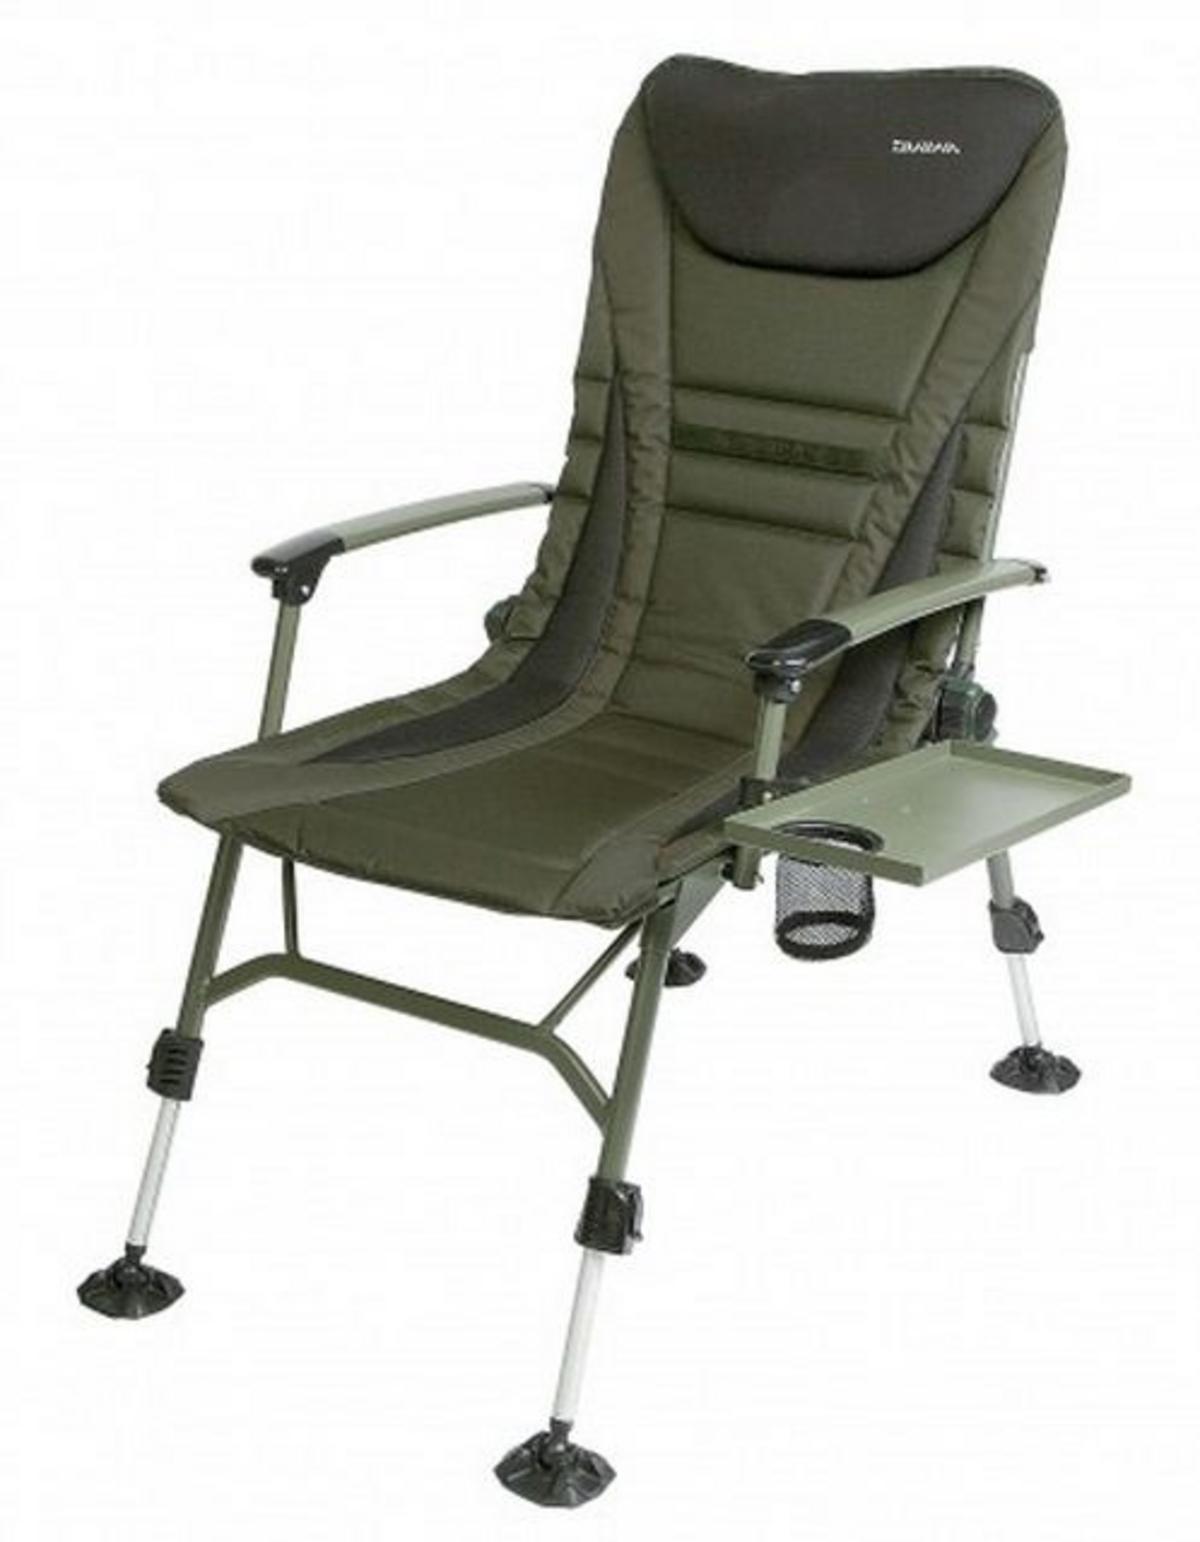 New Daiwa Infinity Specialist Chair Model No Dispc1